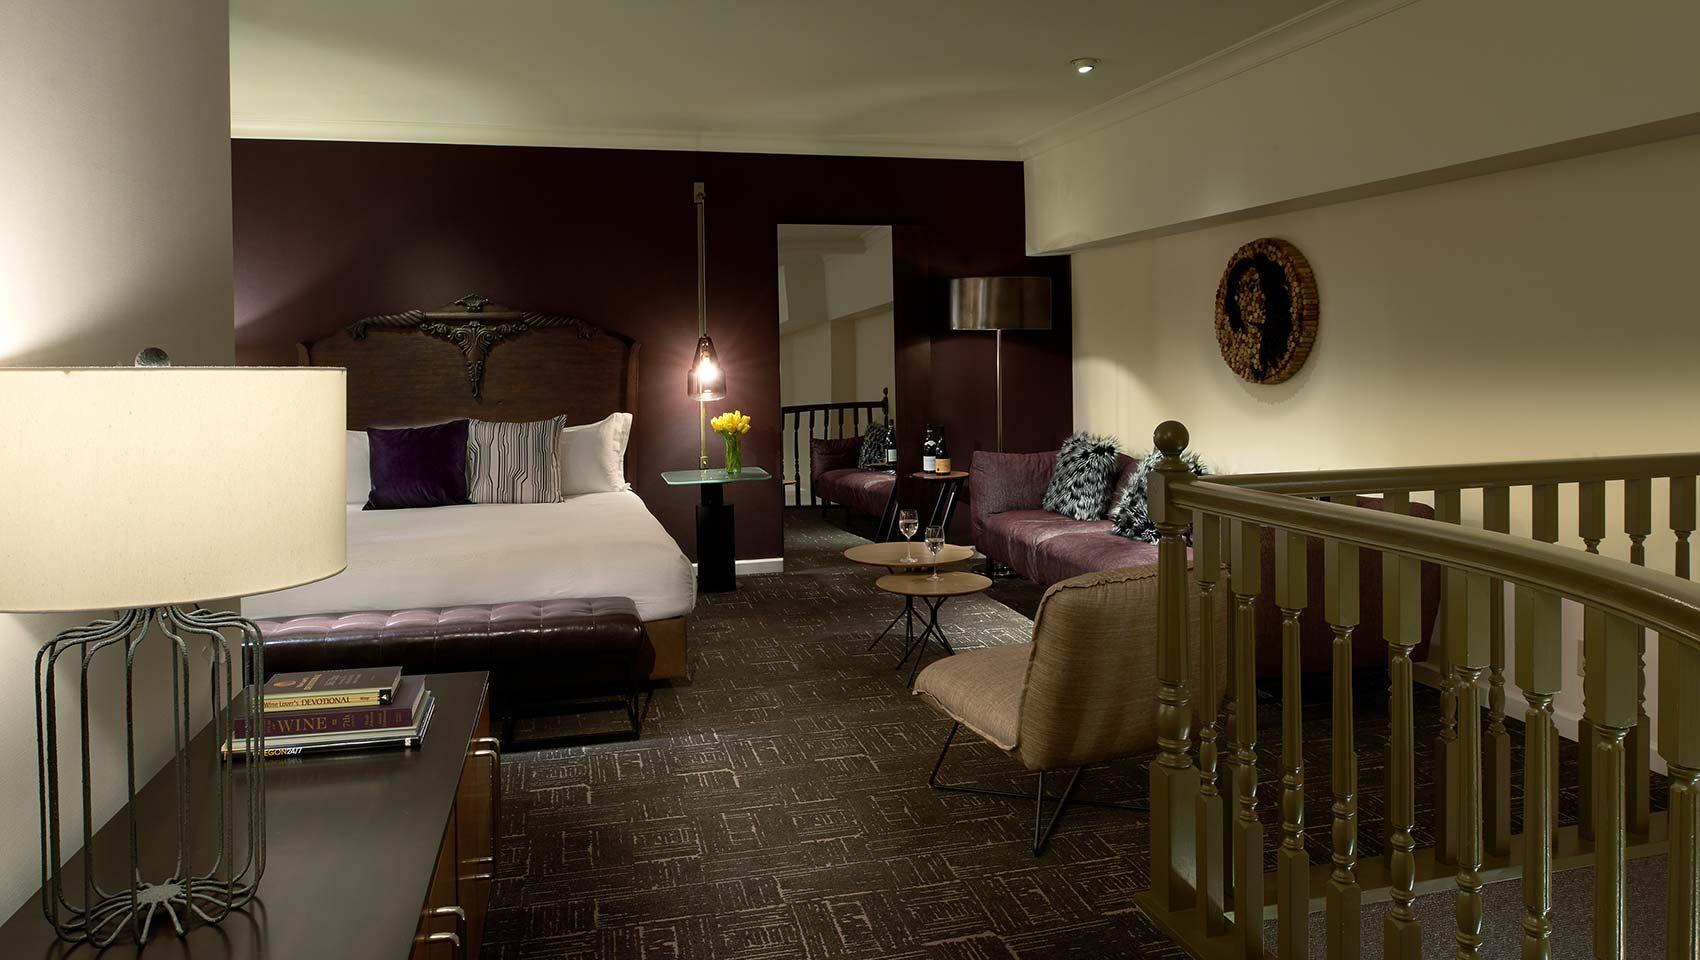 Boutique portland hotel photos kimpton hotel vintage - 2 bedroom suites portland oregon ...